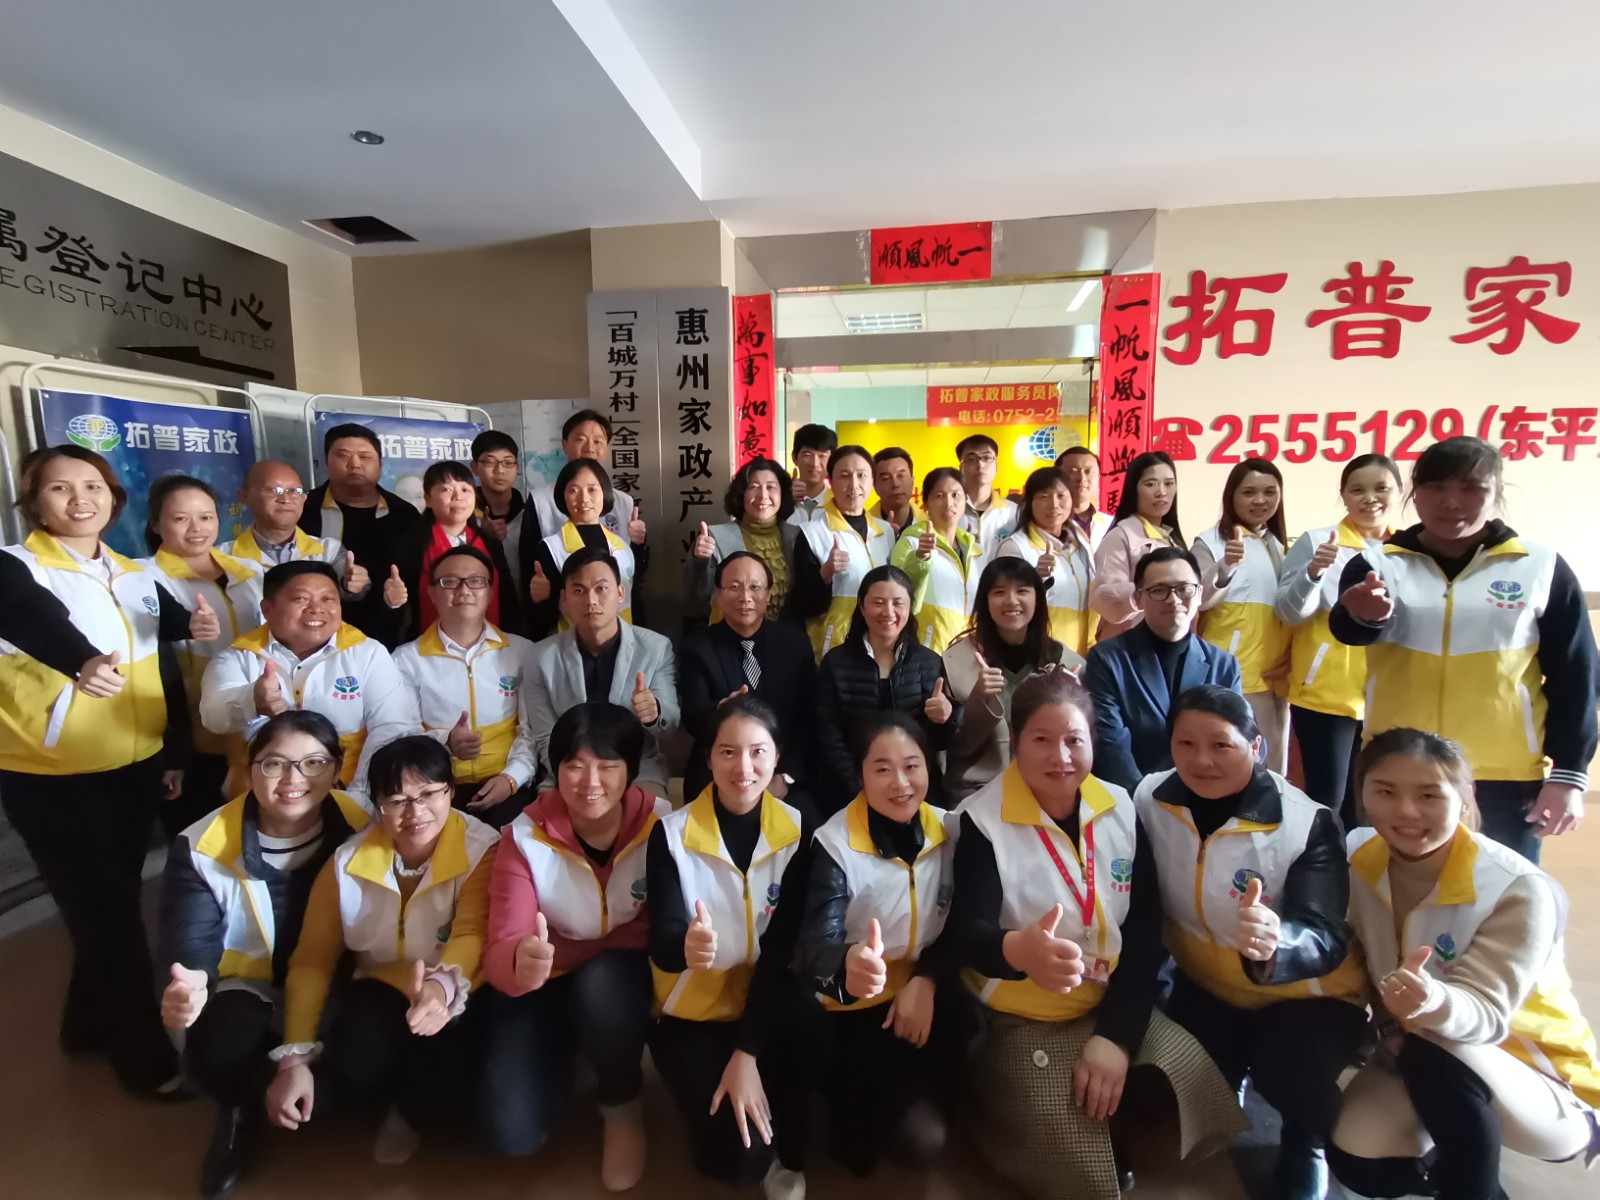 中育为-[职业技能证书]育婴师培训 惠州居民报名 学费全免